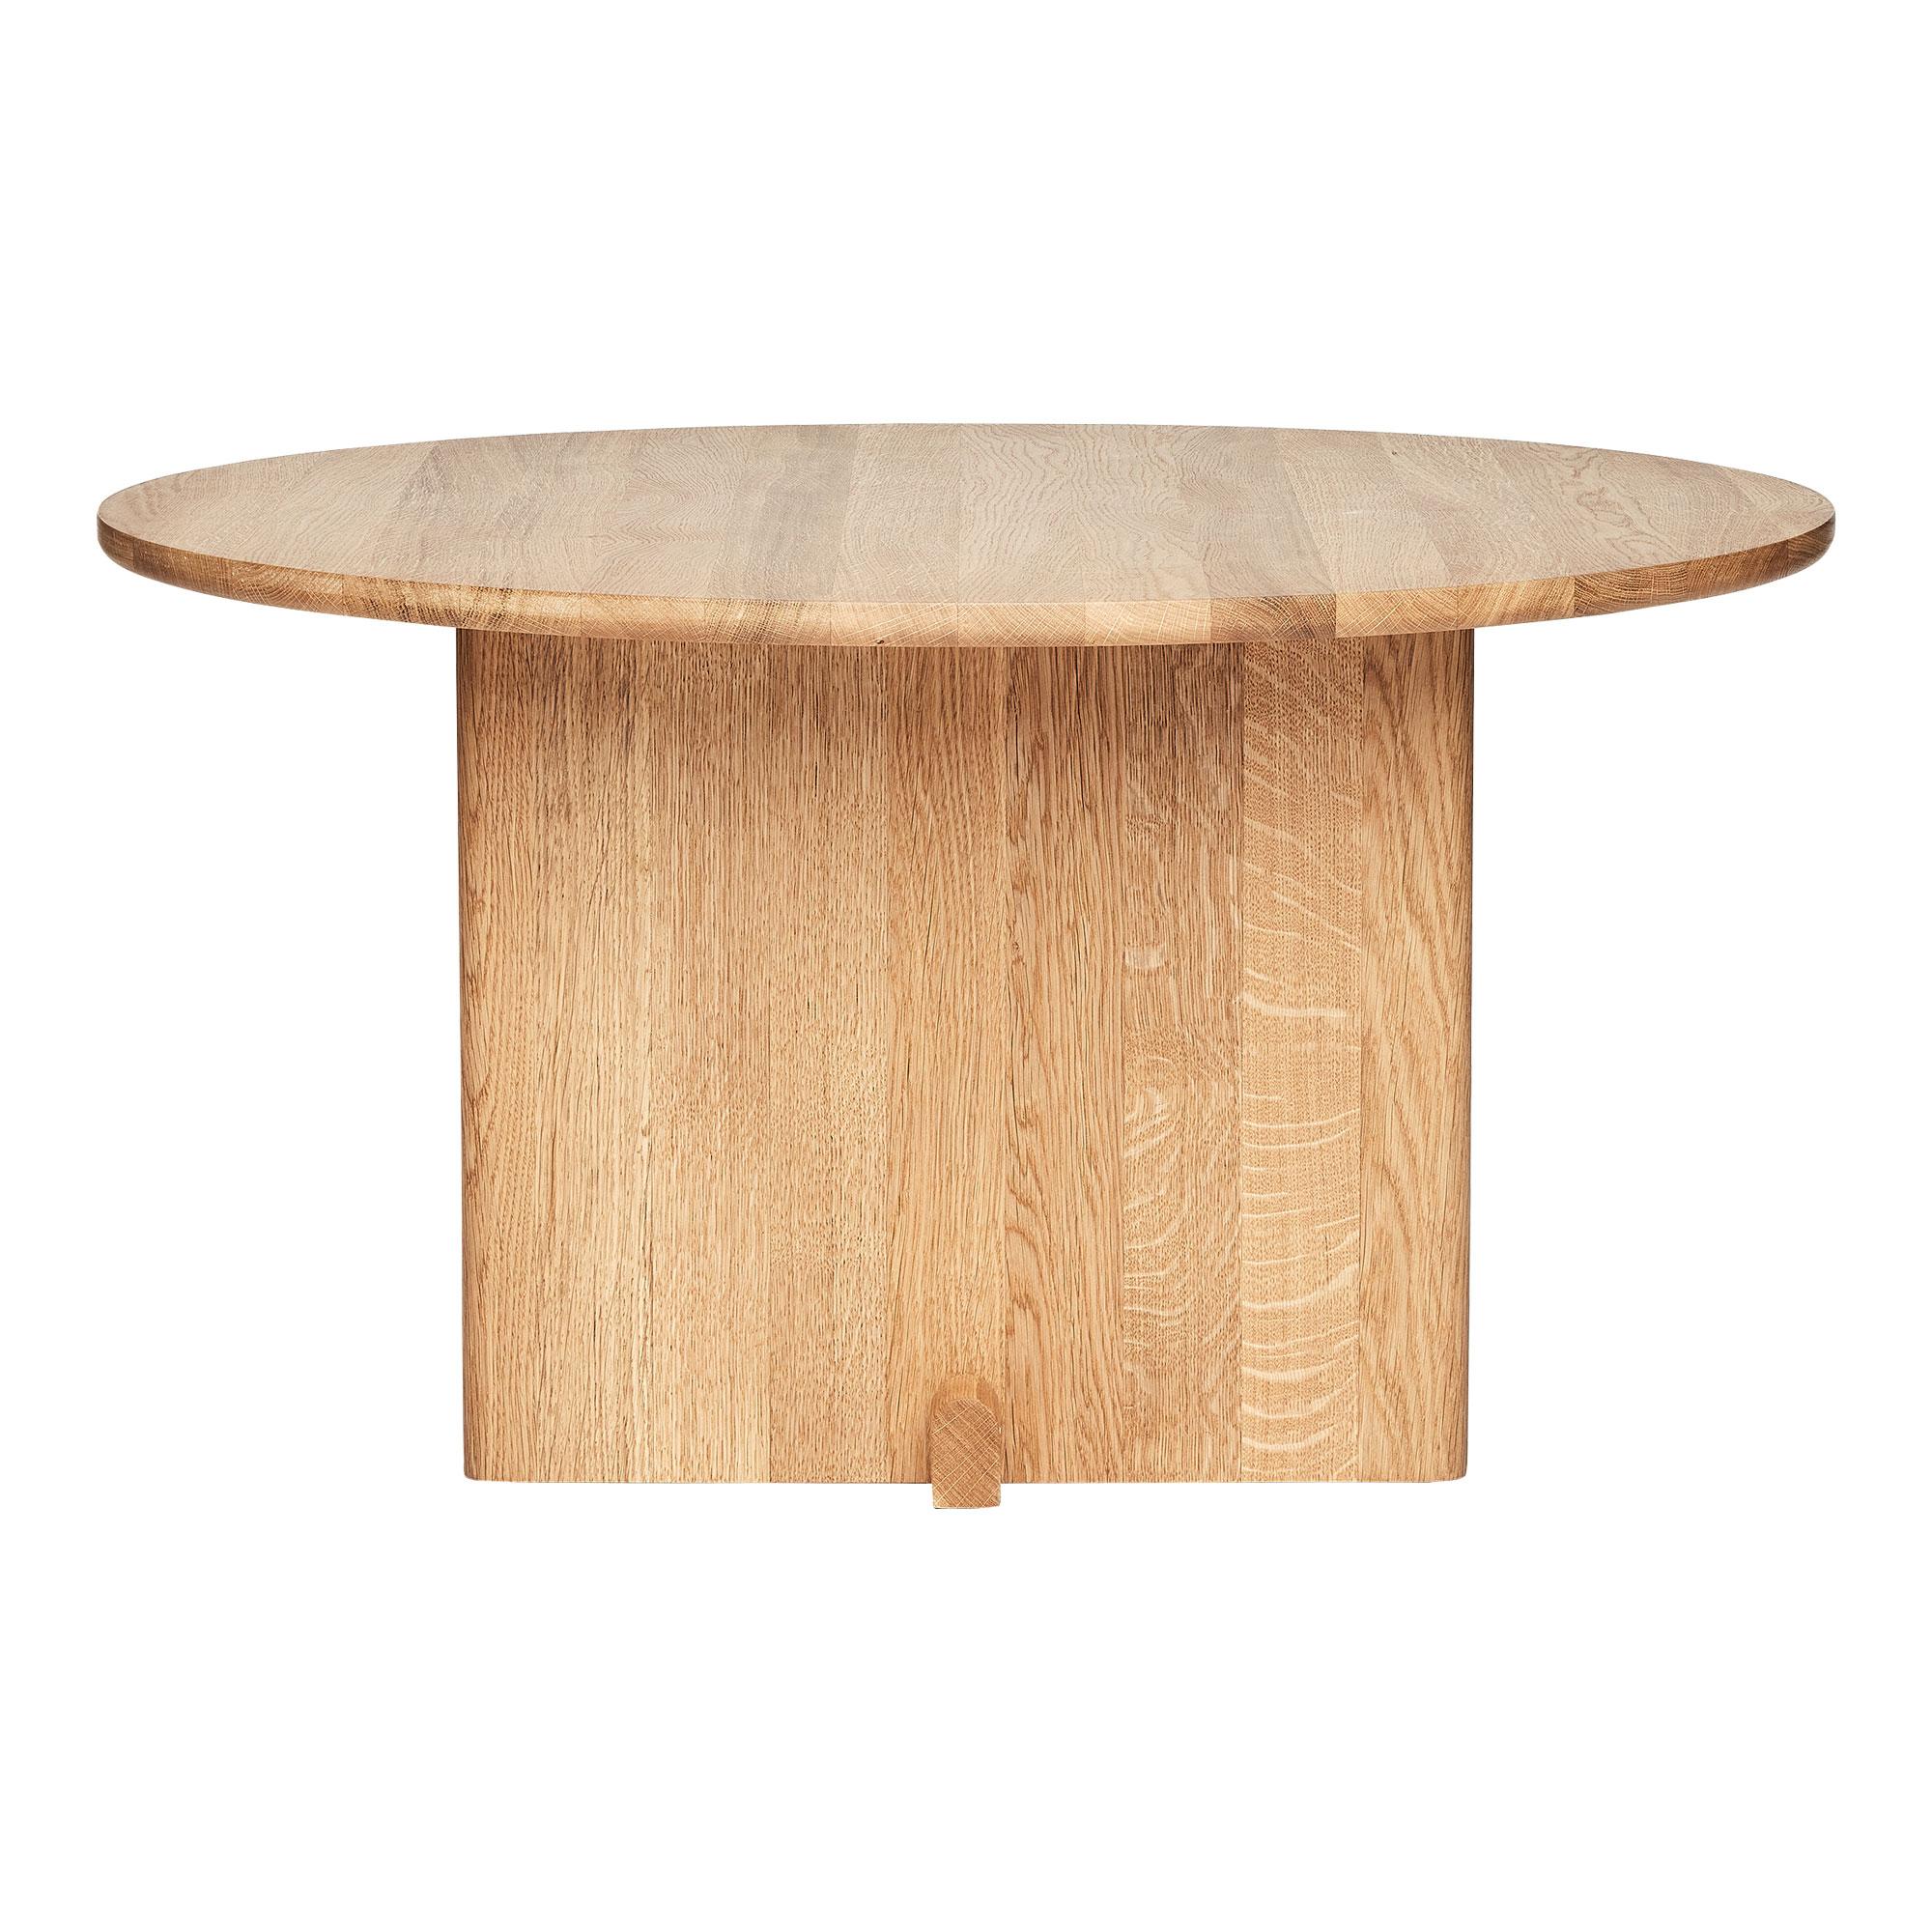 Fogia Koku table